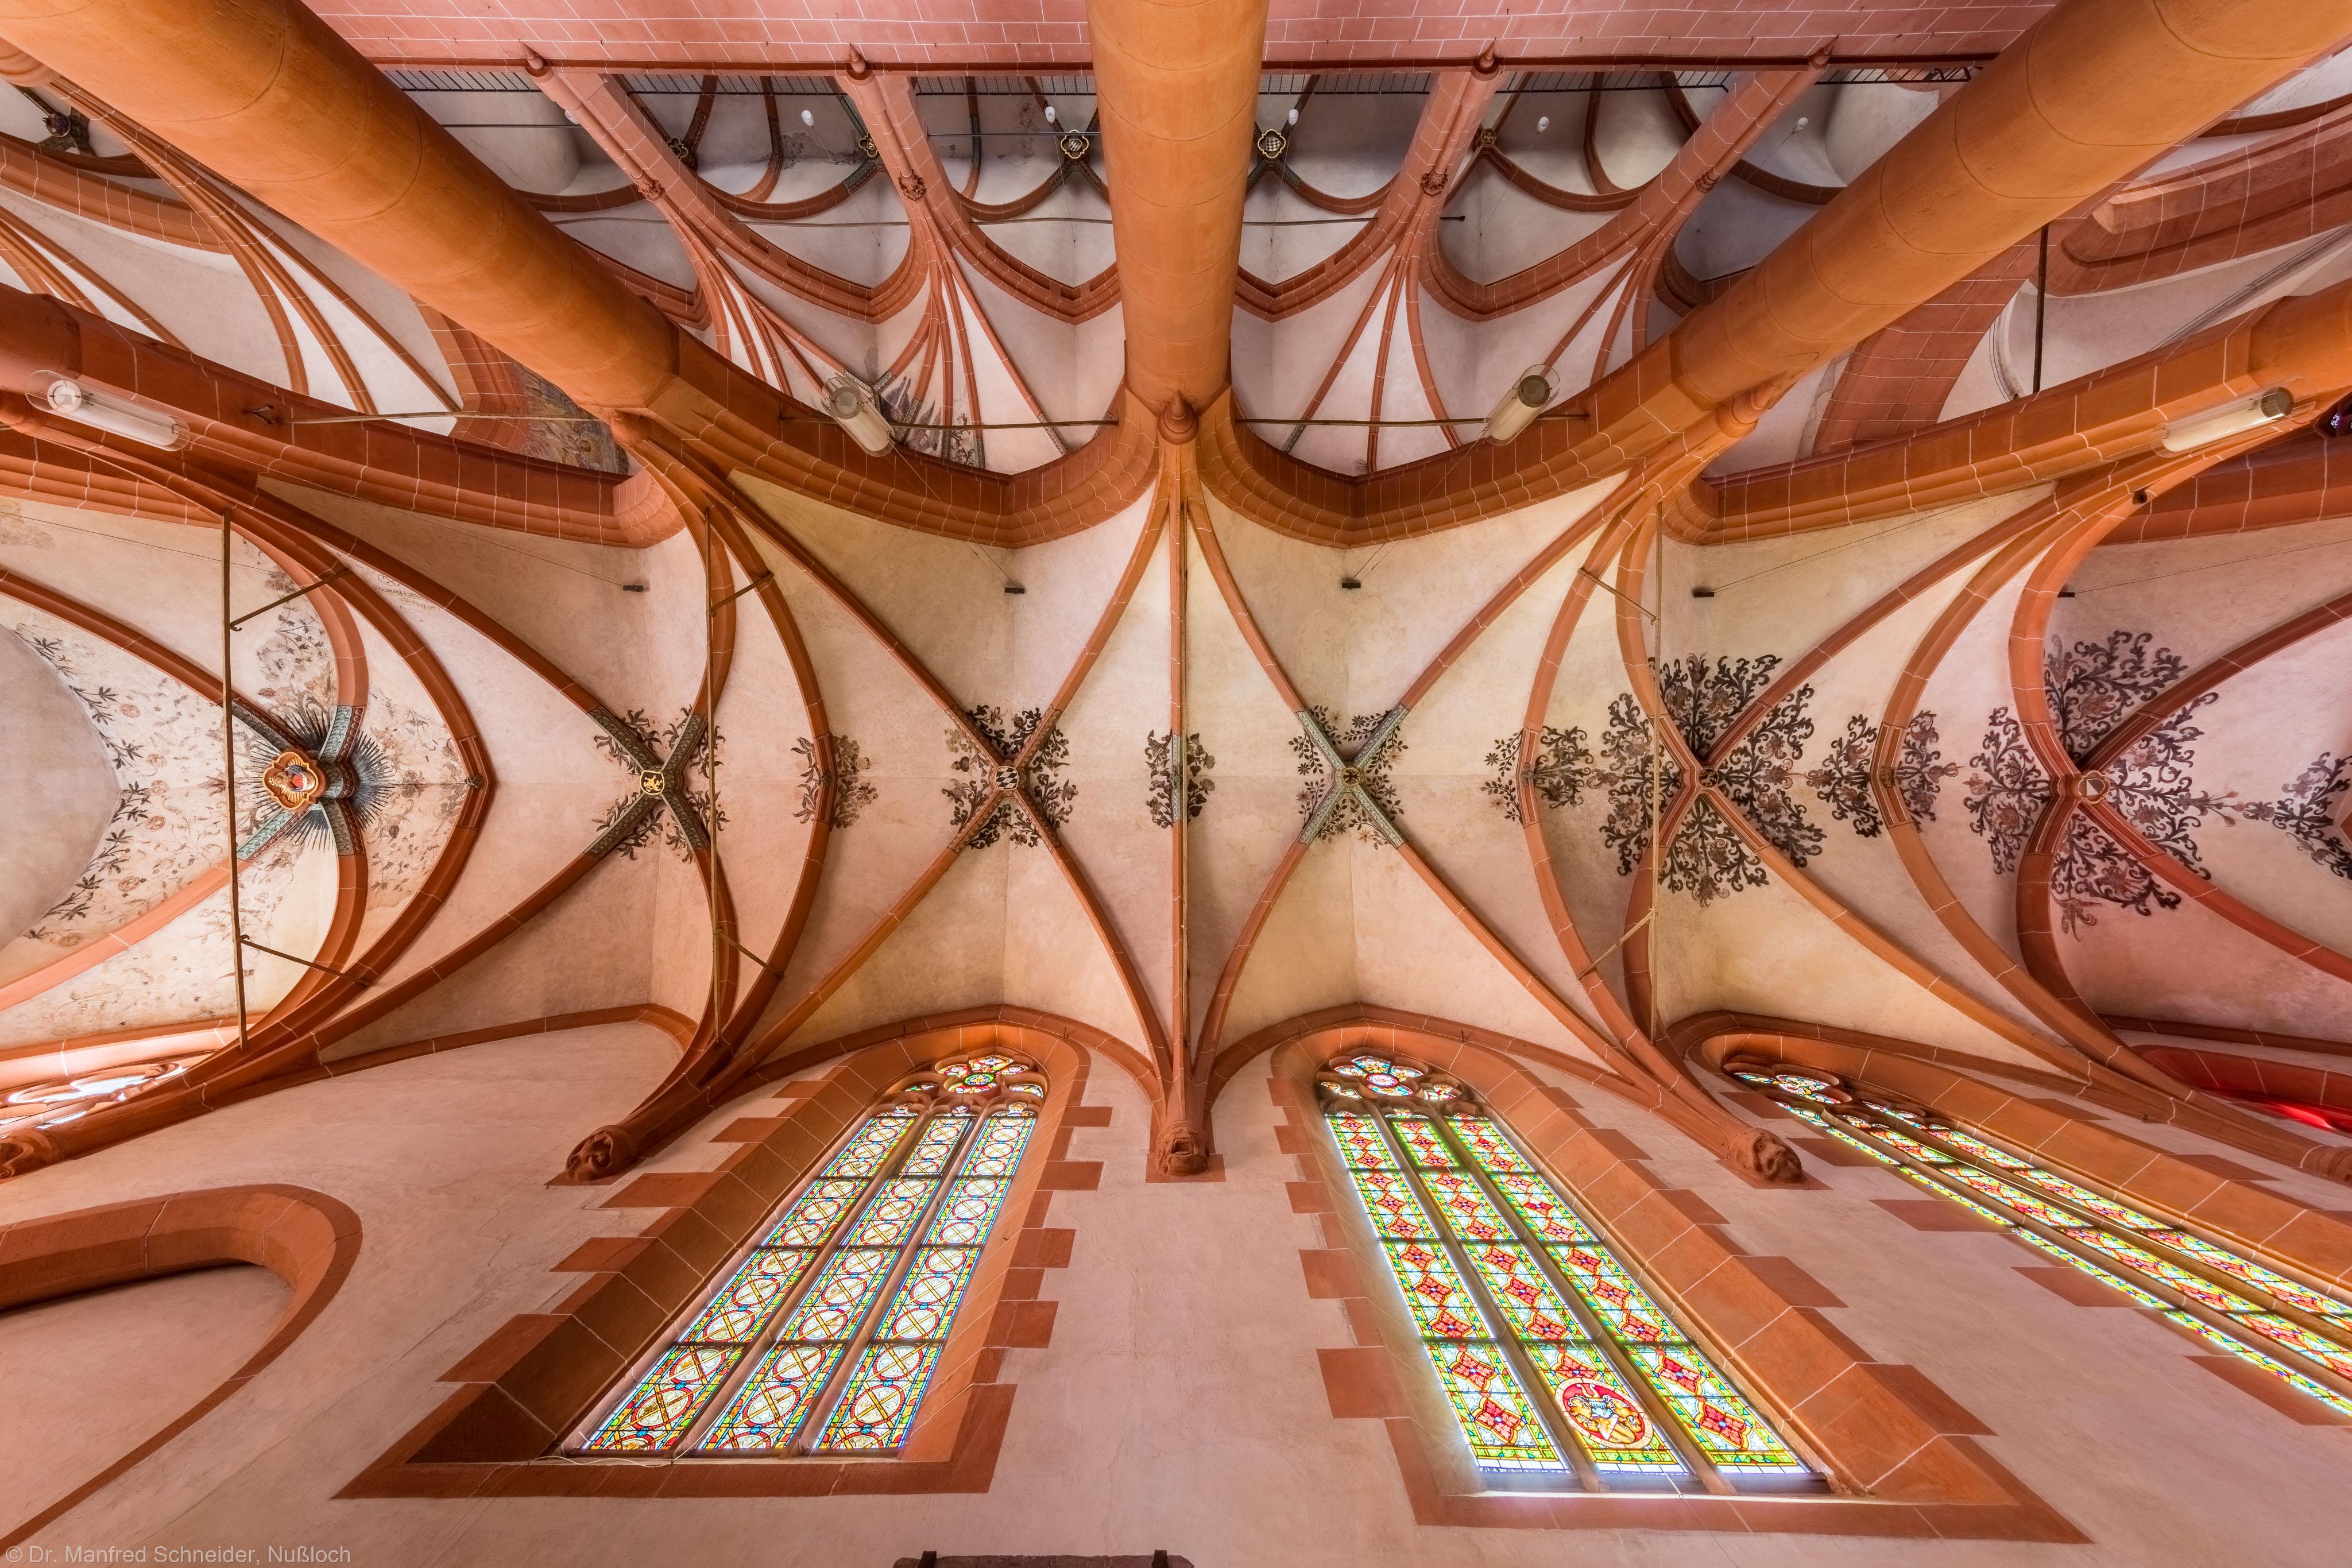 Heidelberg - Heiliggeistkirche - Südliches Seitenschiff - Gesamtansicht des Gewölbes, vom Zentrum des Seitenschiffs aus gesehen (aufgenommen im September 2015, am frühen Nachmittag)